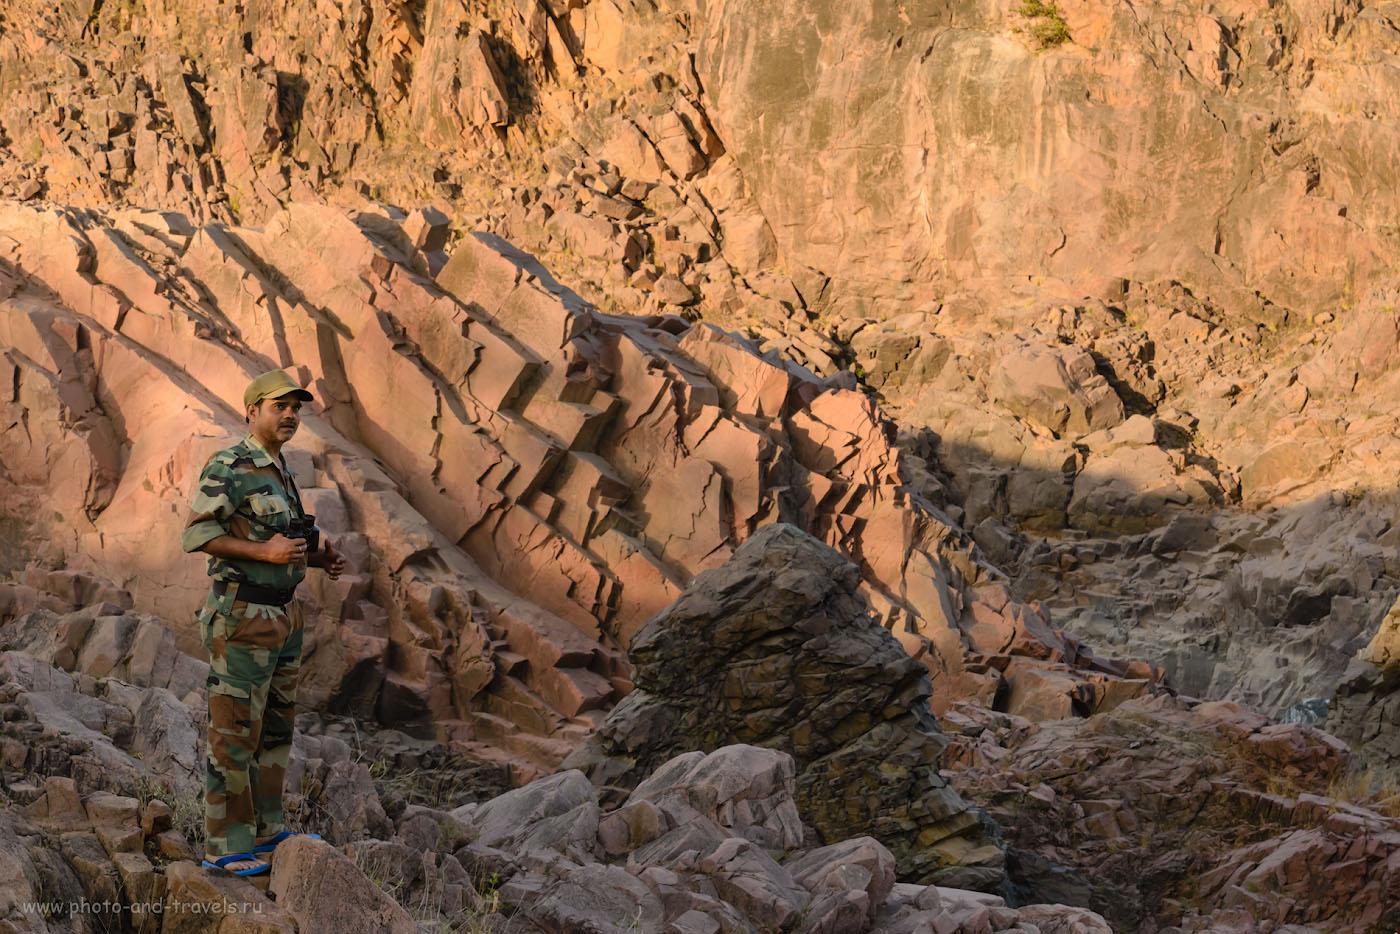 Фото 8. Гид в природном парке высматривает крокодила в окрестностях водопадов Raneh Falls. Куда поехать из Кхаджурахо. 1/200, 0.33, 14.0, 1250, 100.